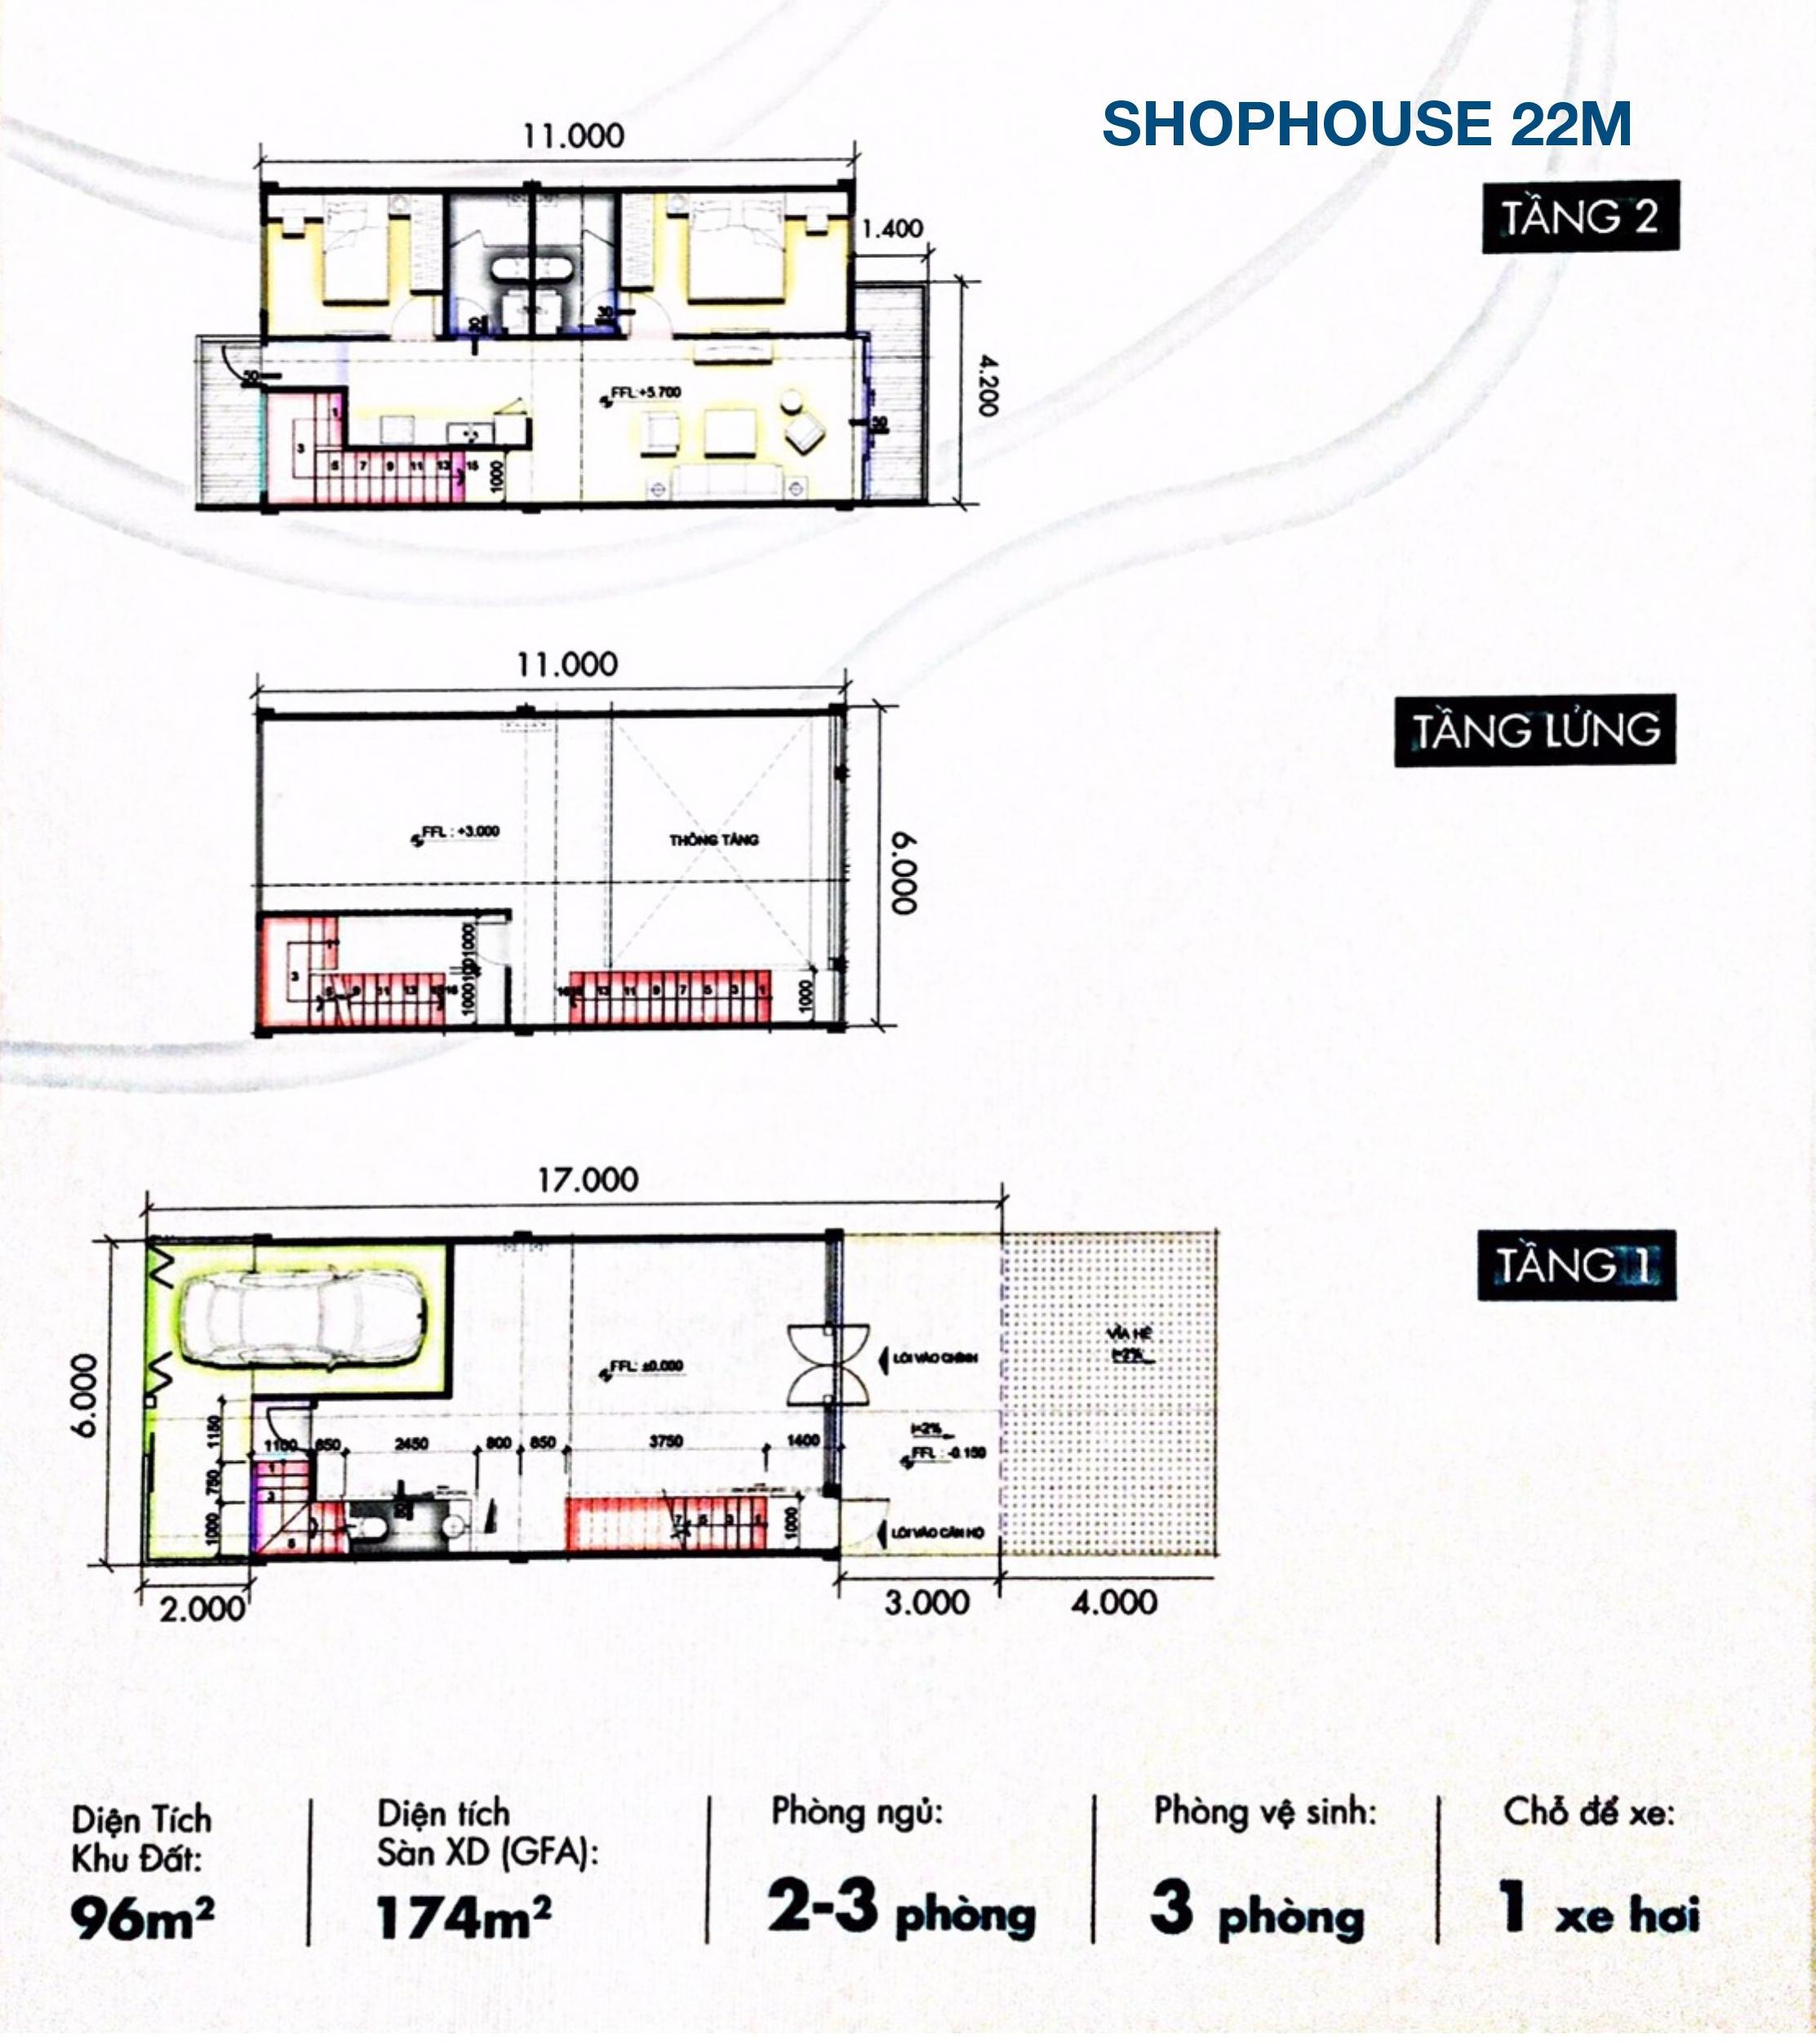 mặt bằng nhà phố thương mại đường 22m – SL 200 căn